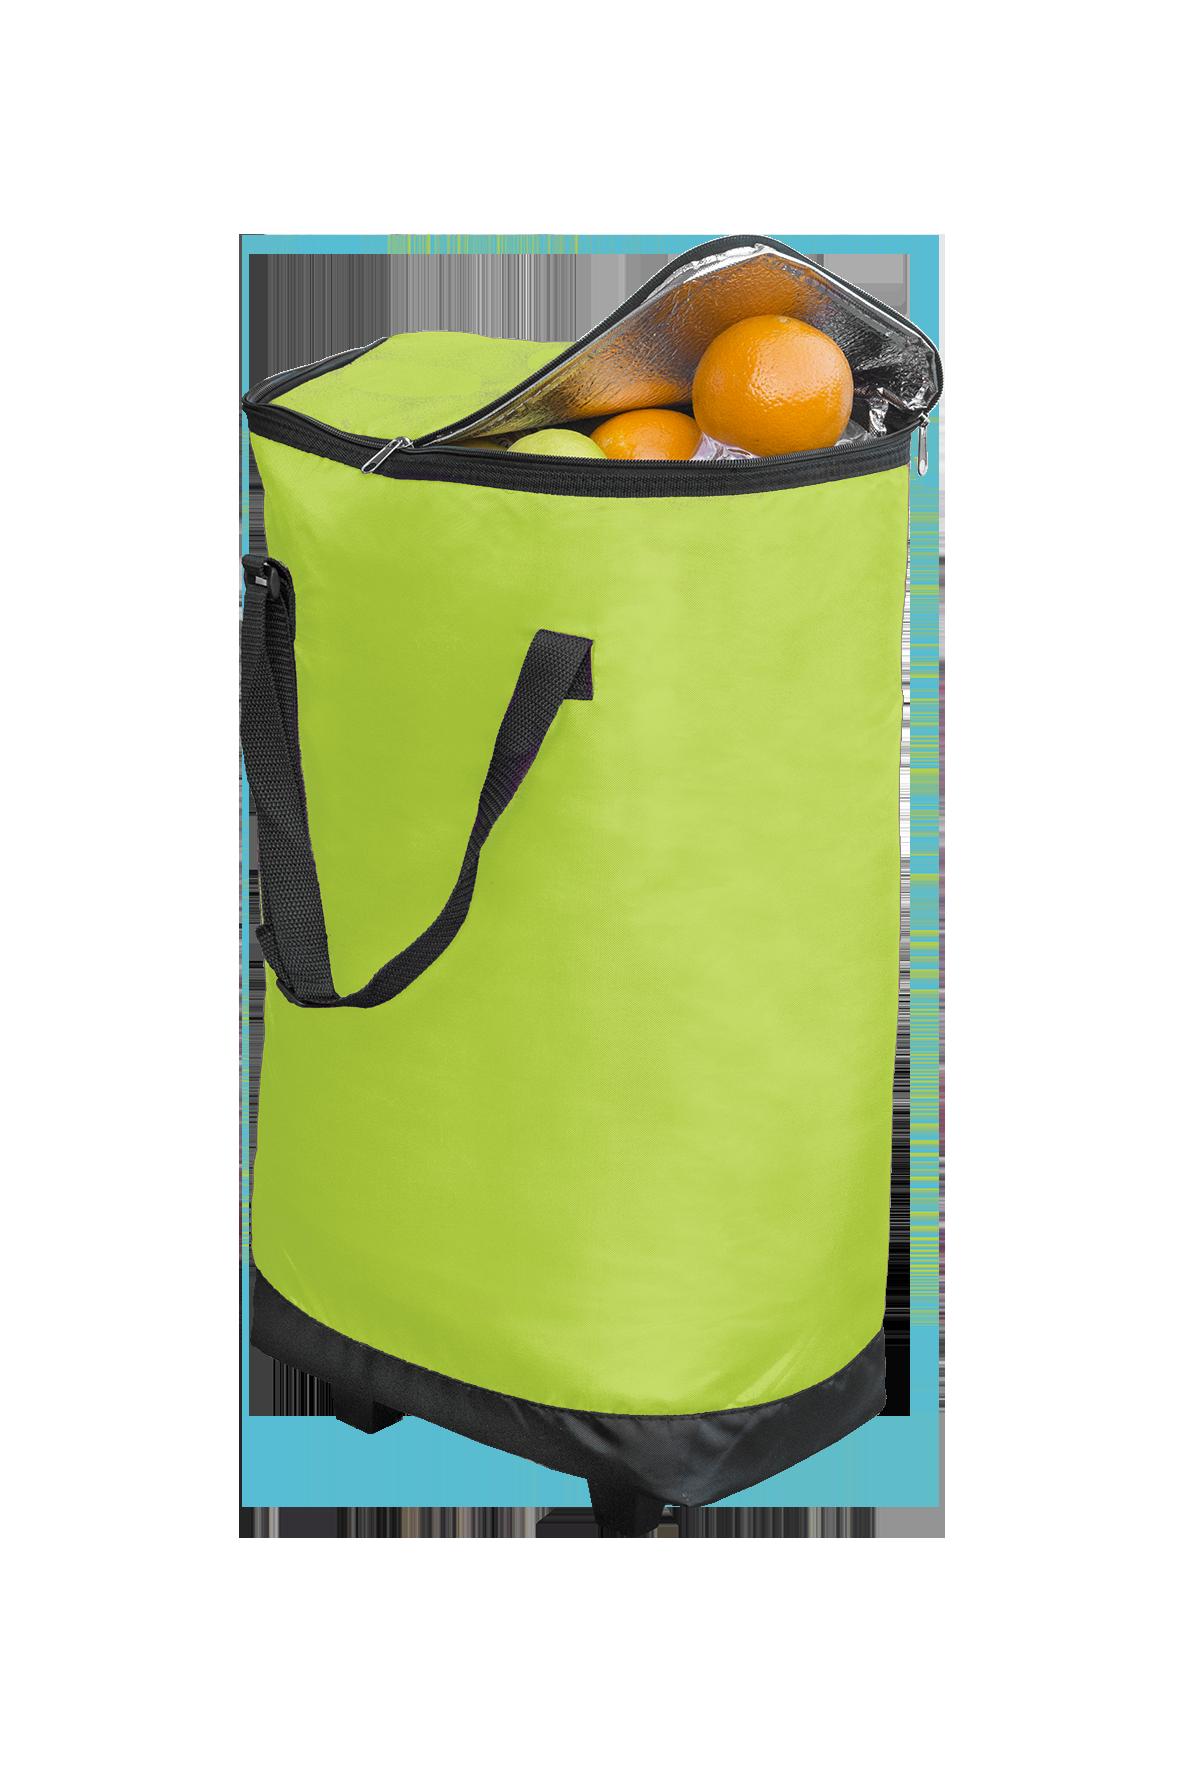 XXL-Kühltasche mit Rollen, lime